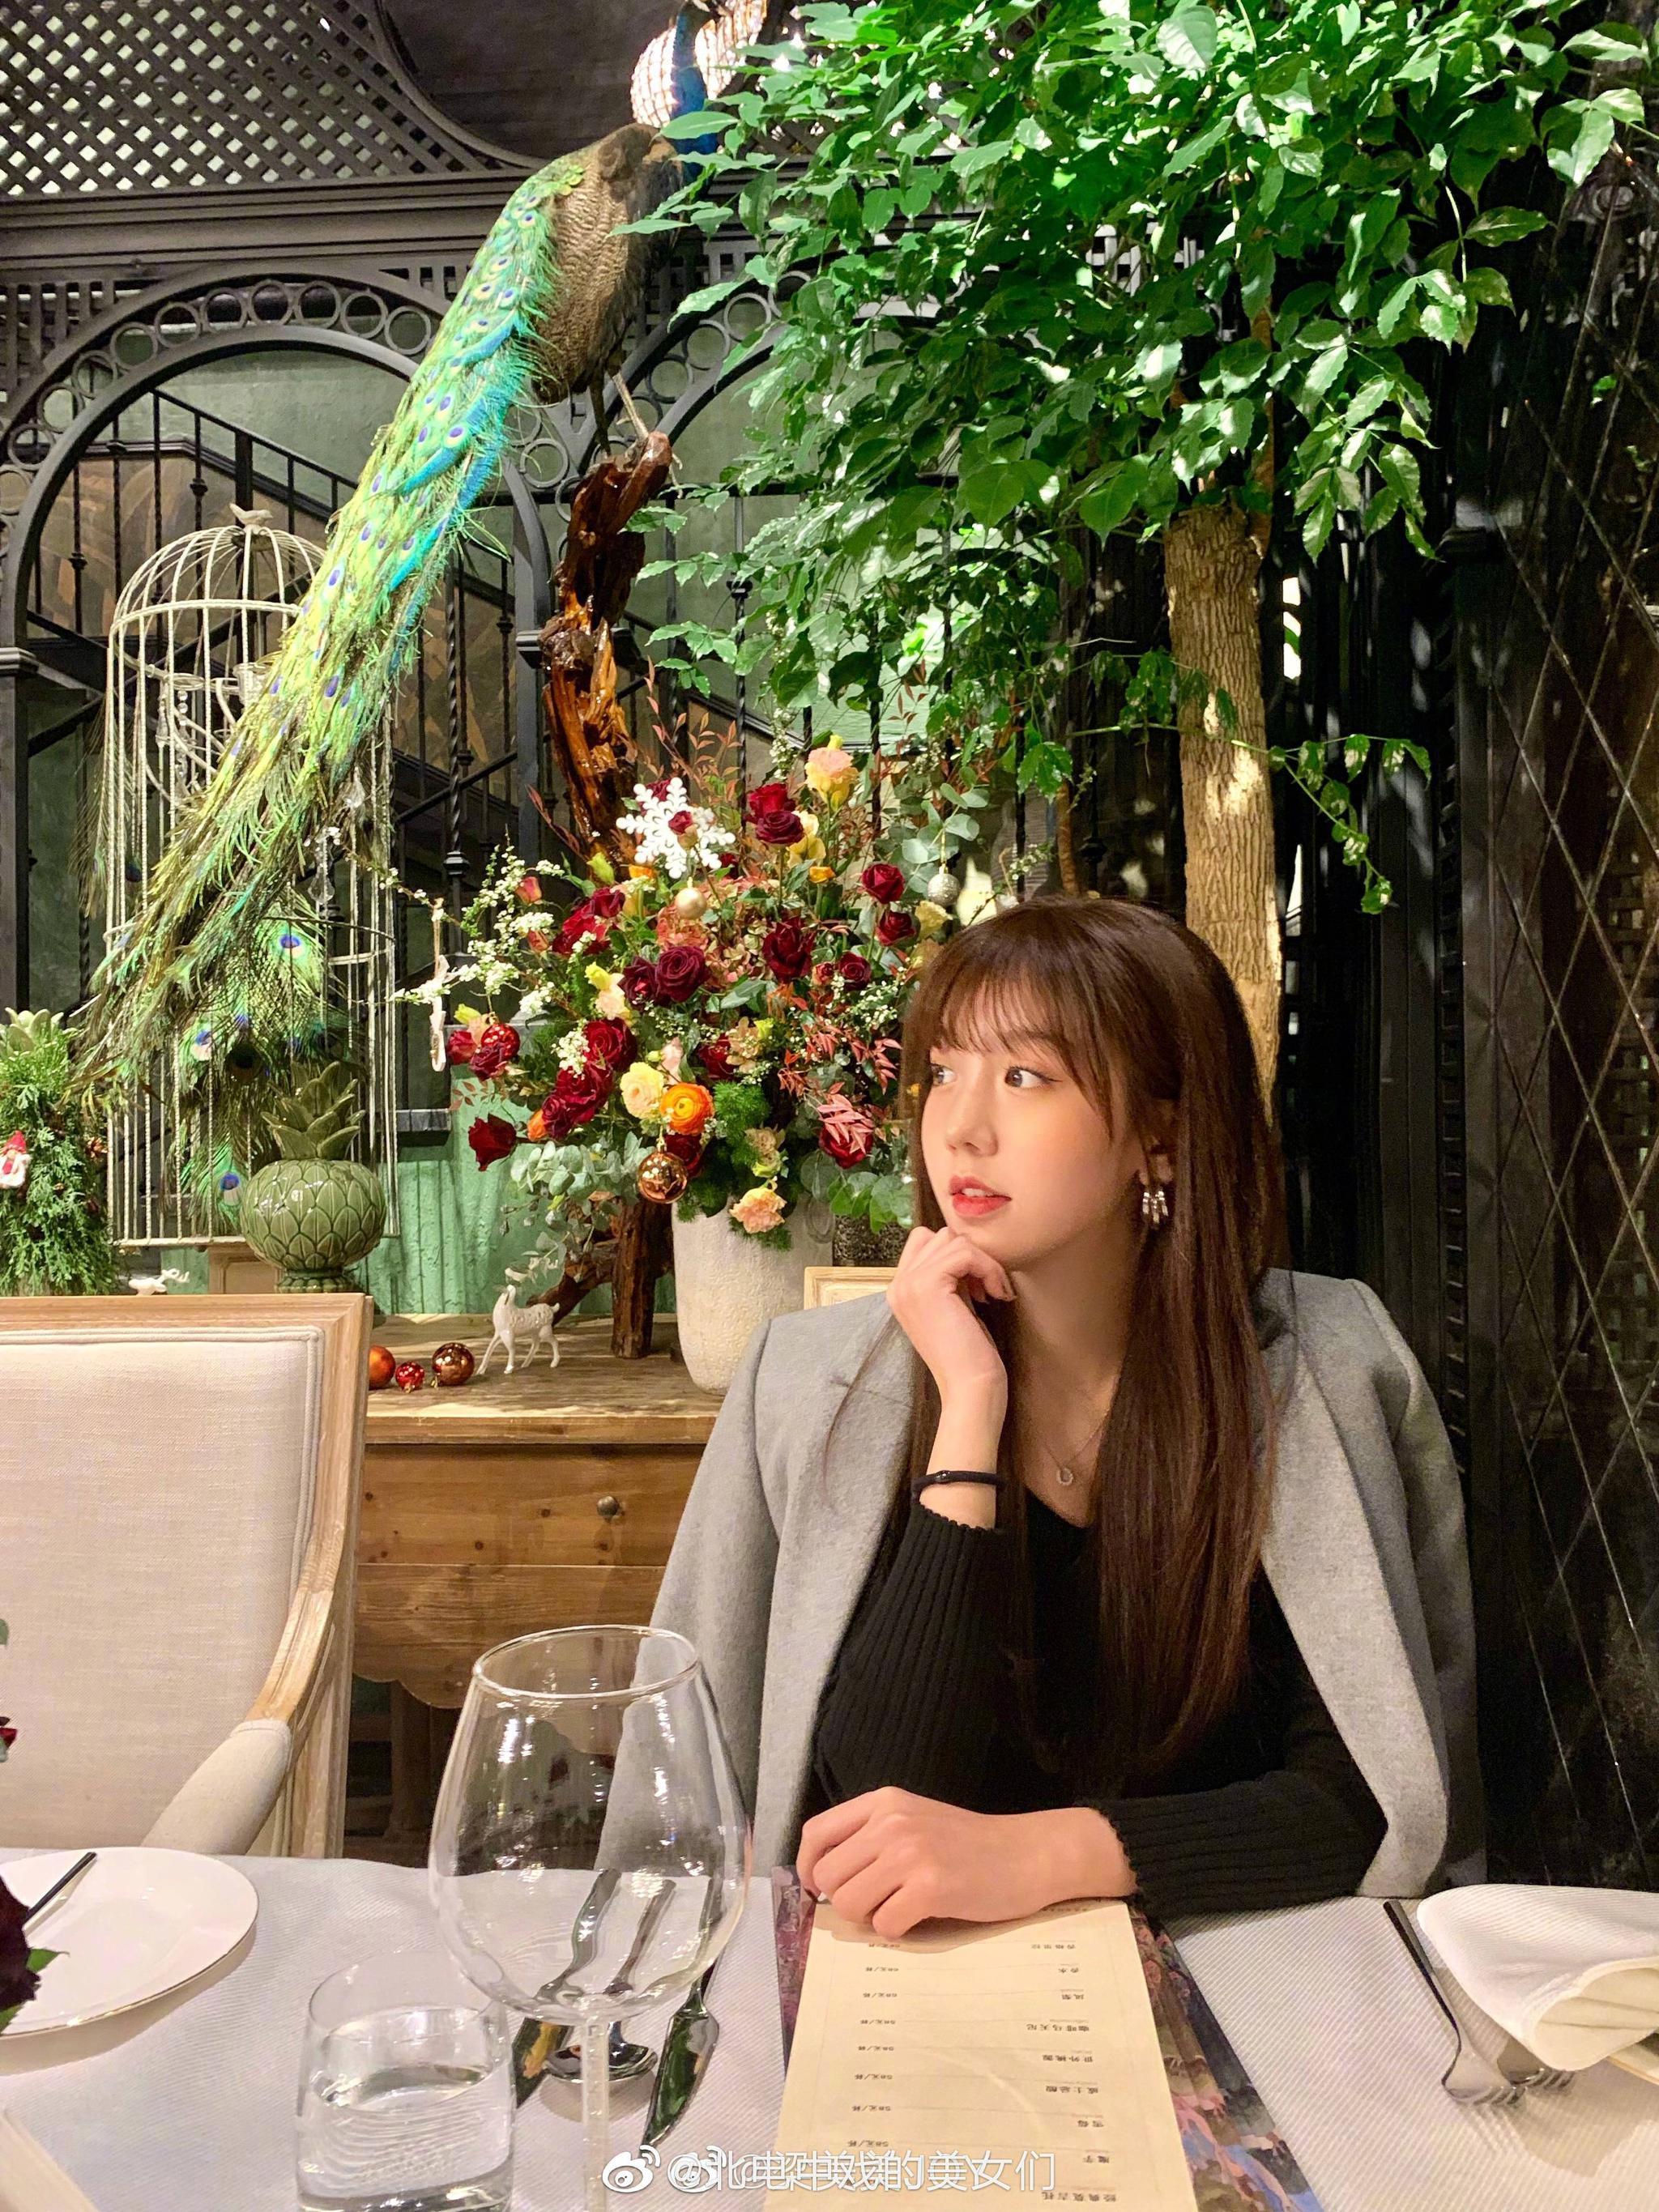 四川大学美术生 19岁 她麻麻也超美!